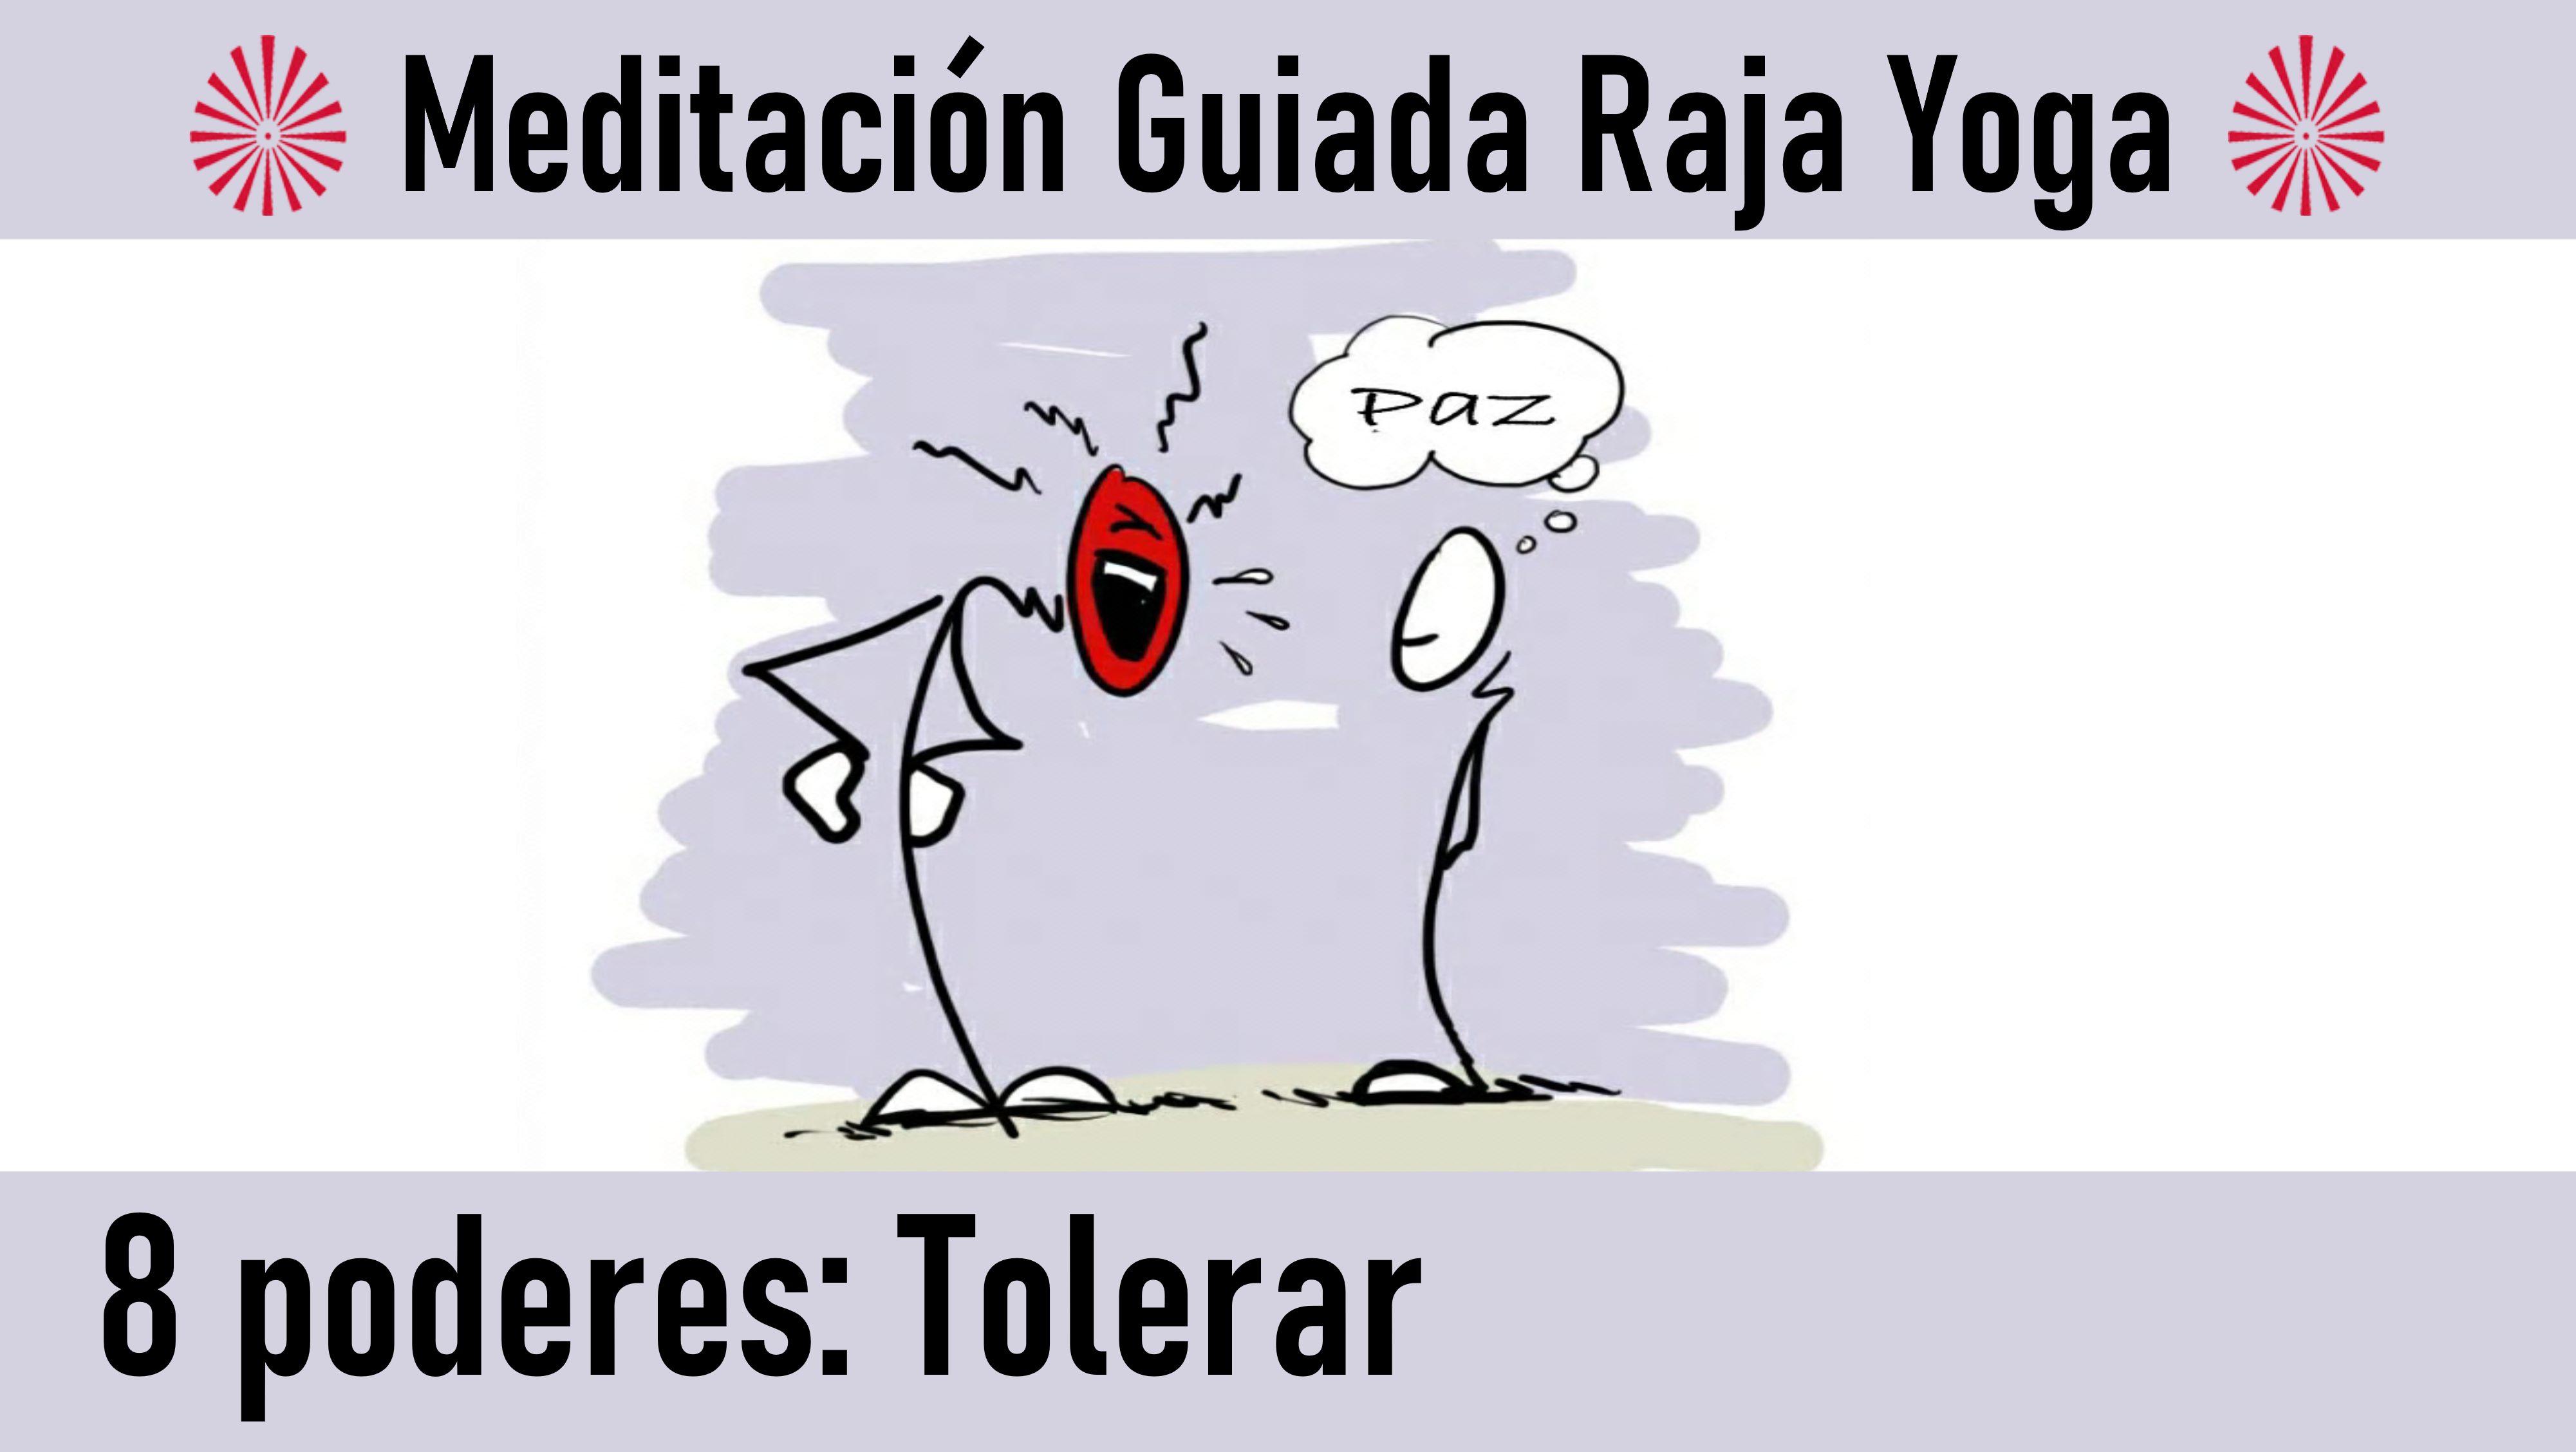 23 Junio 2020 Meditación Raja Yoga. Los 8 poderes: Tolerar